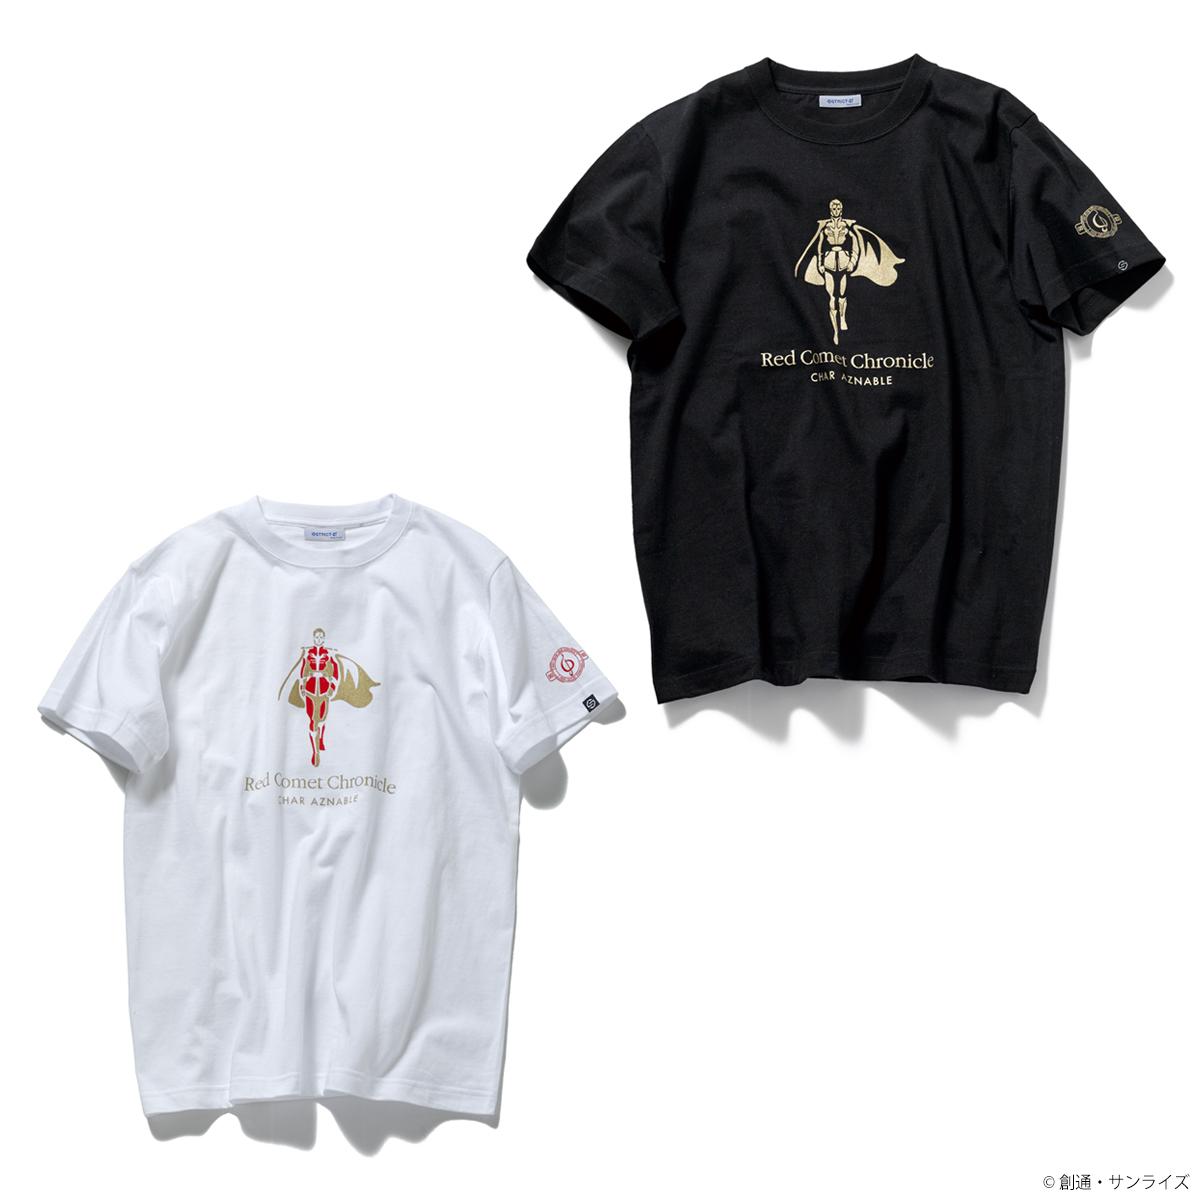 STRICT-G『機動戦士ガンダム 逆襲のシャア』Red Comet Chronicle Tシャツ シャア・アズナブル